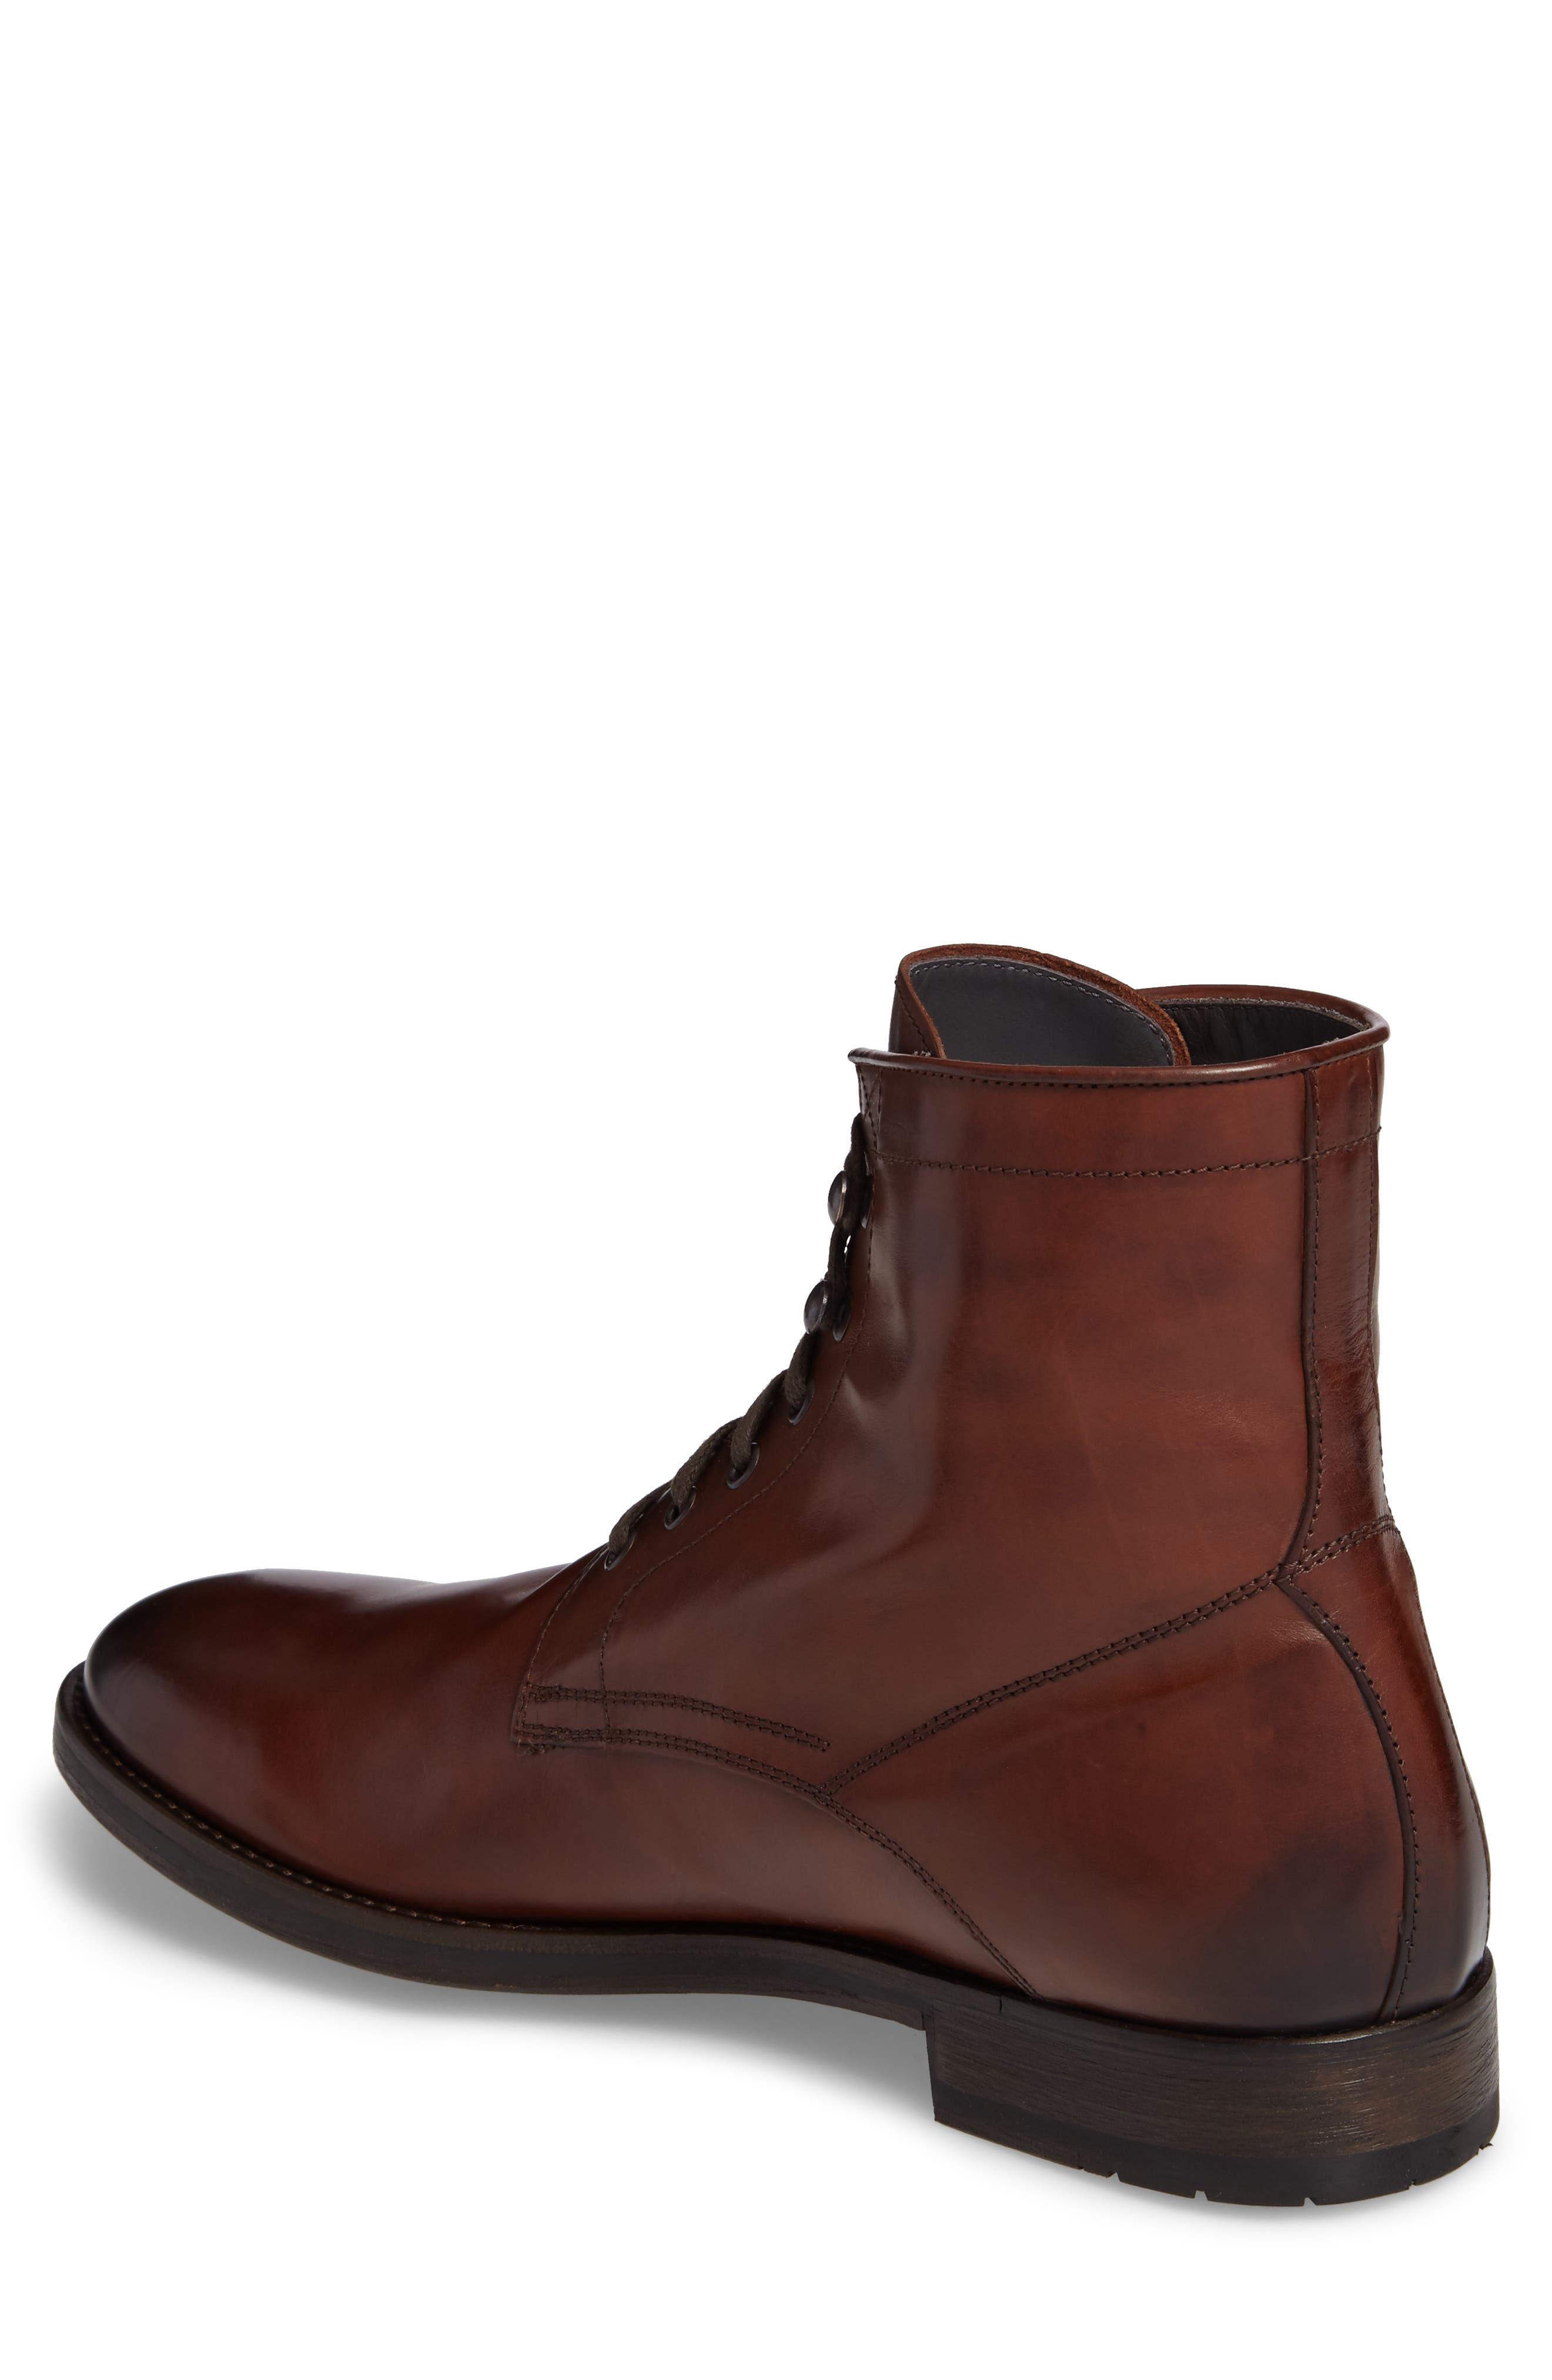 Astoria Plain Toe Boot,                             Alternate thumbnail 7, color,